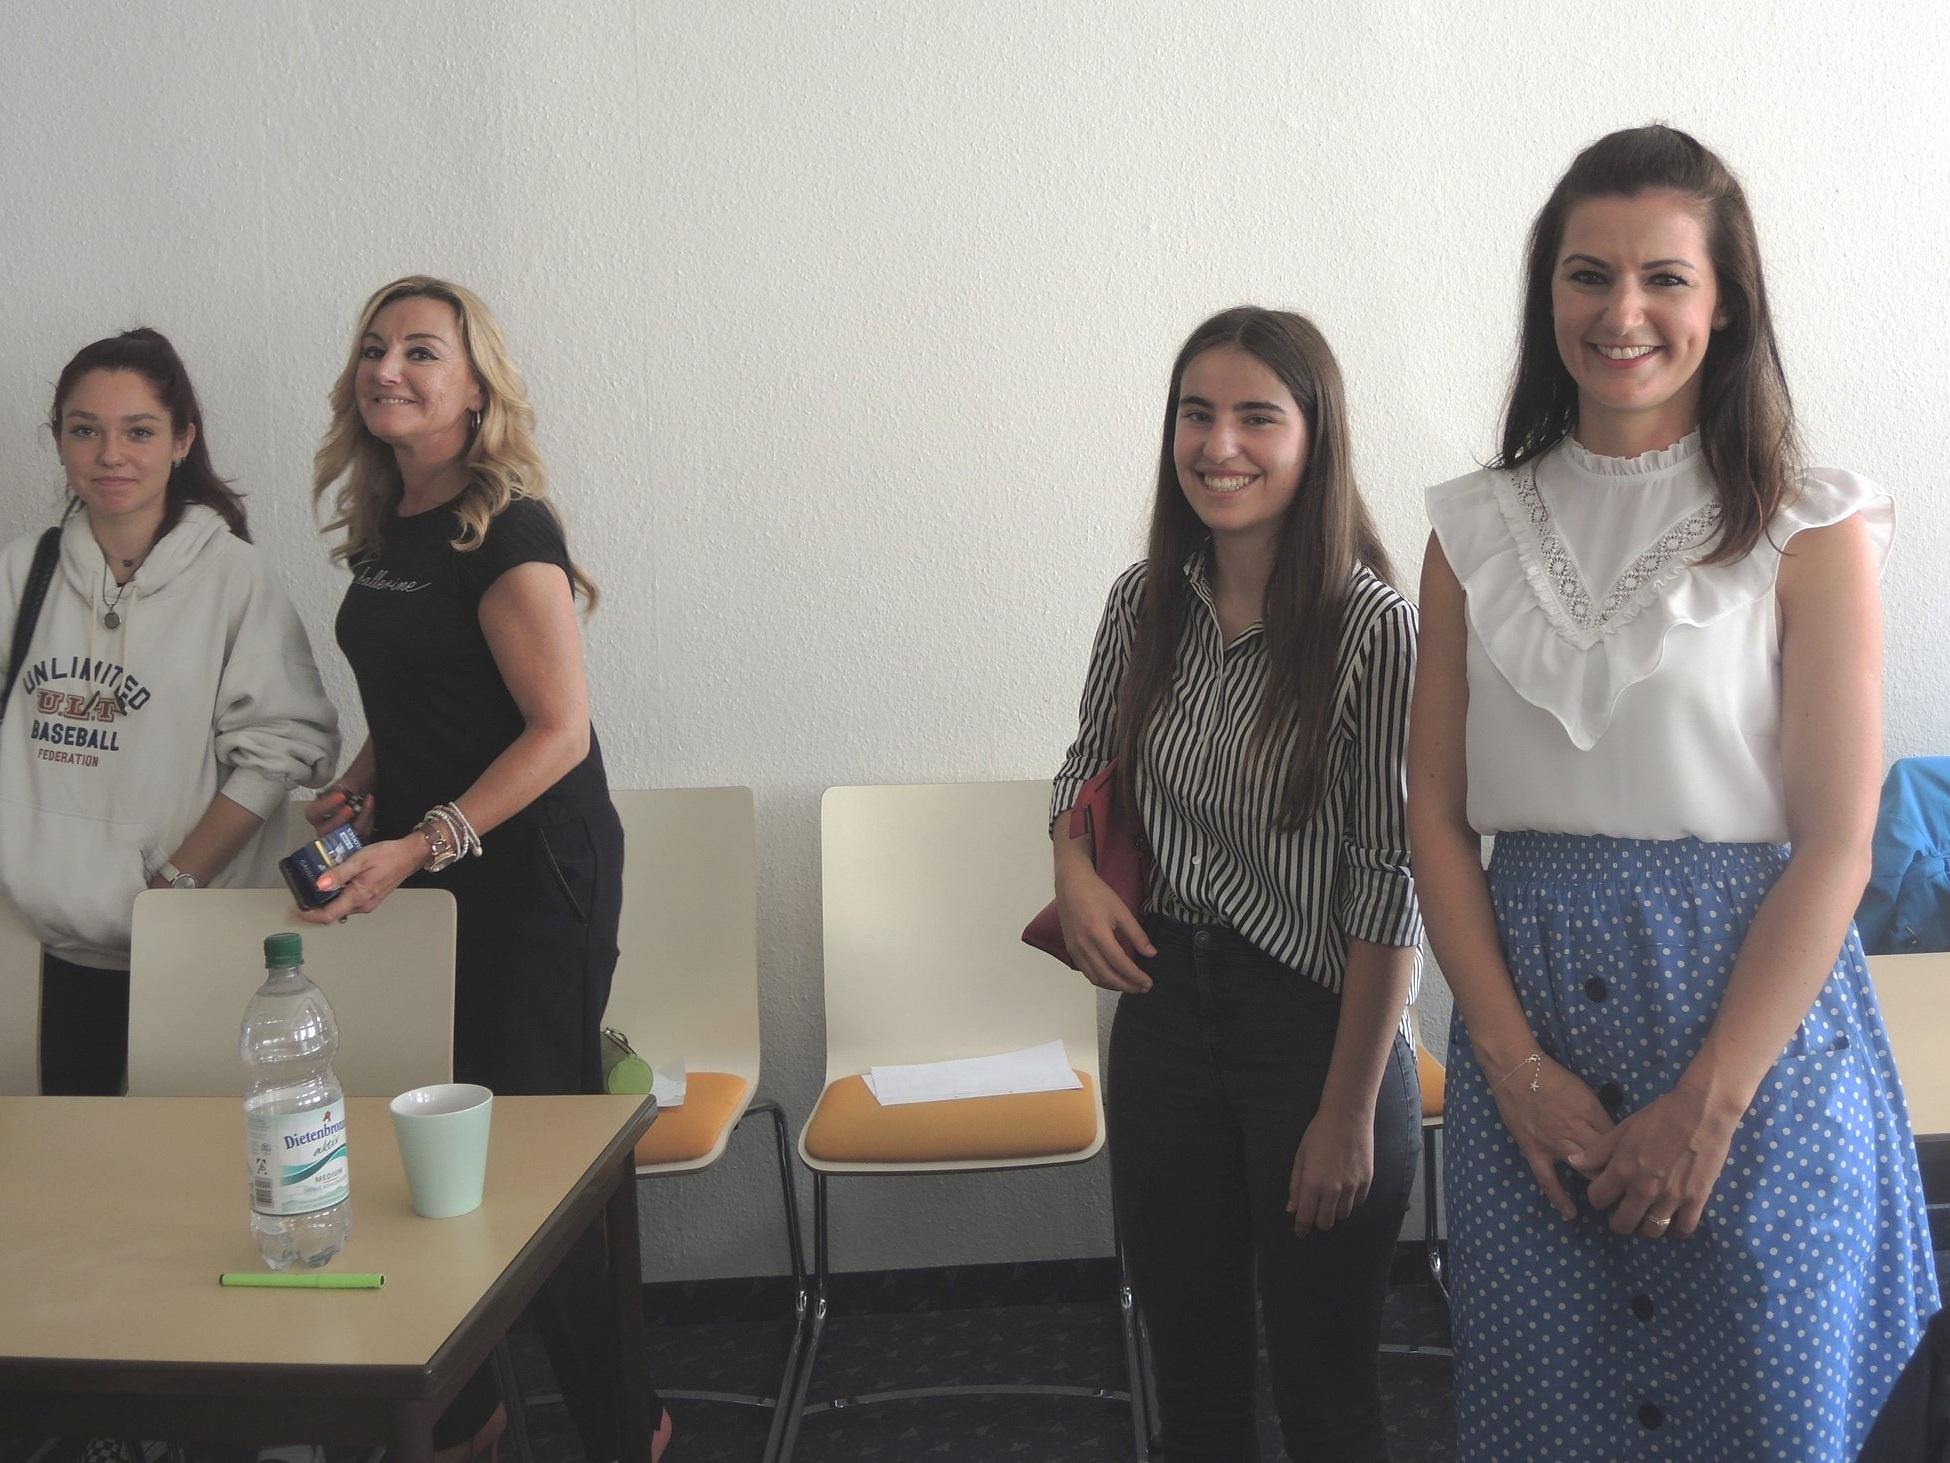 nach dem ifb als fremdsprachenlehrerin in münchen  - Rosi